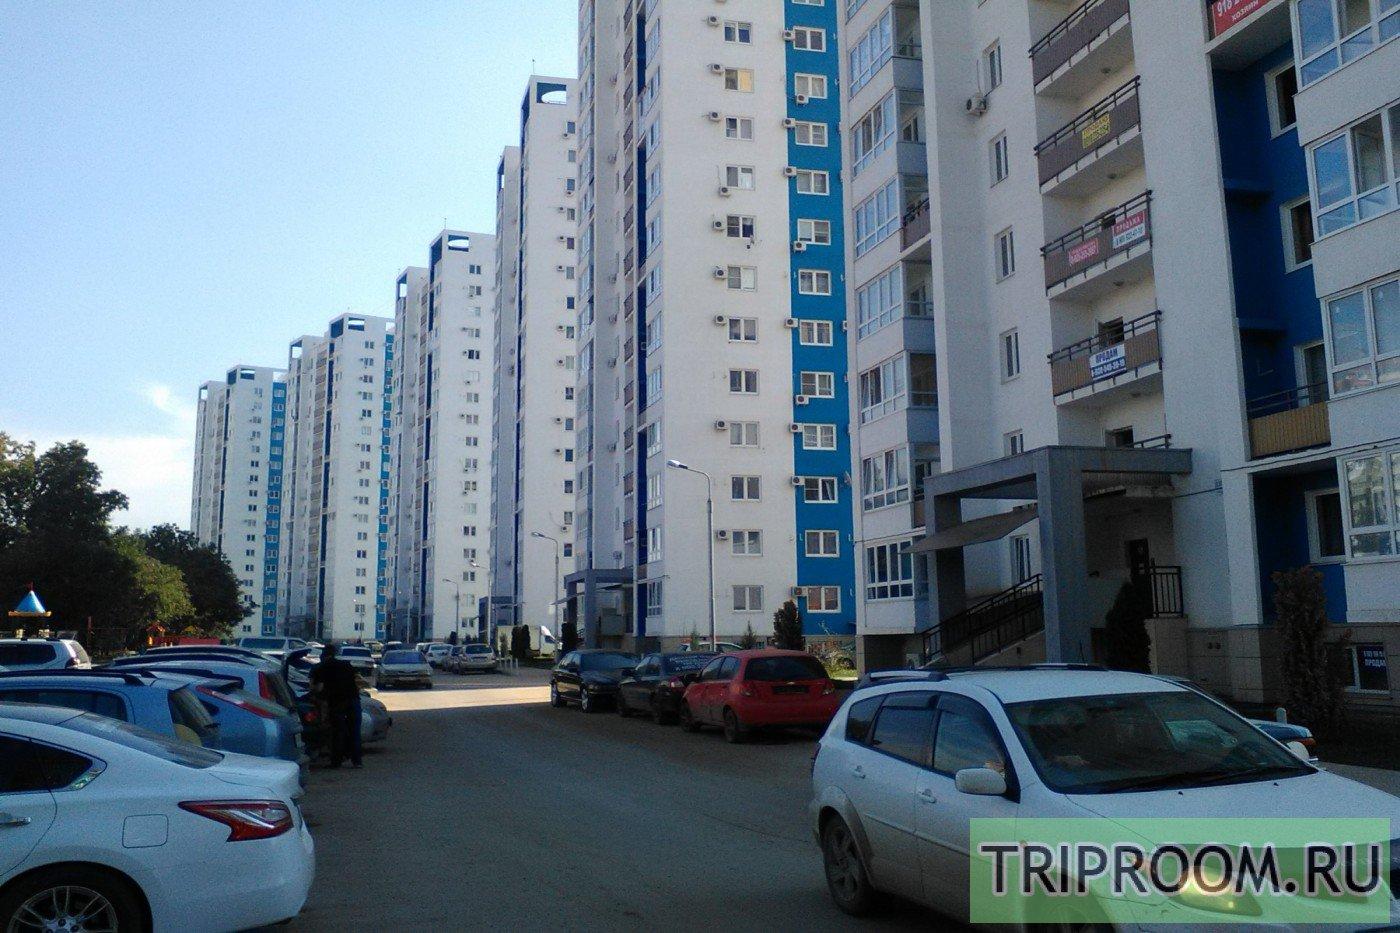 1-комнатная квартира посуточно (вариант № 32008), ул. 40-летия Победы, фото № 12